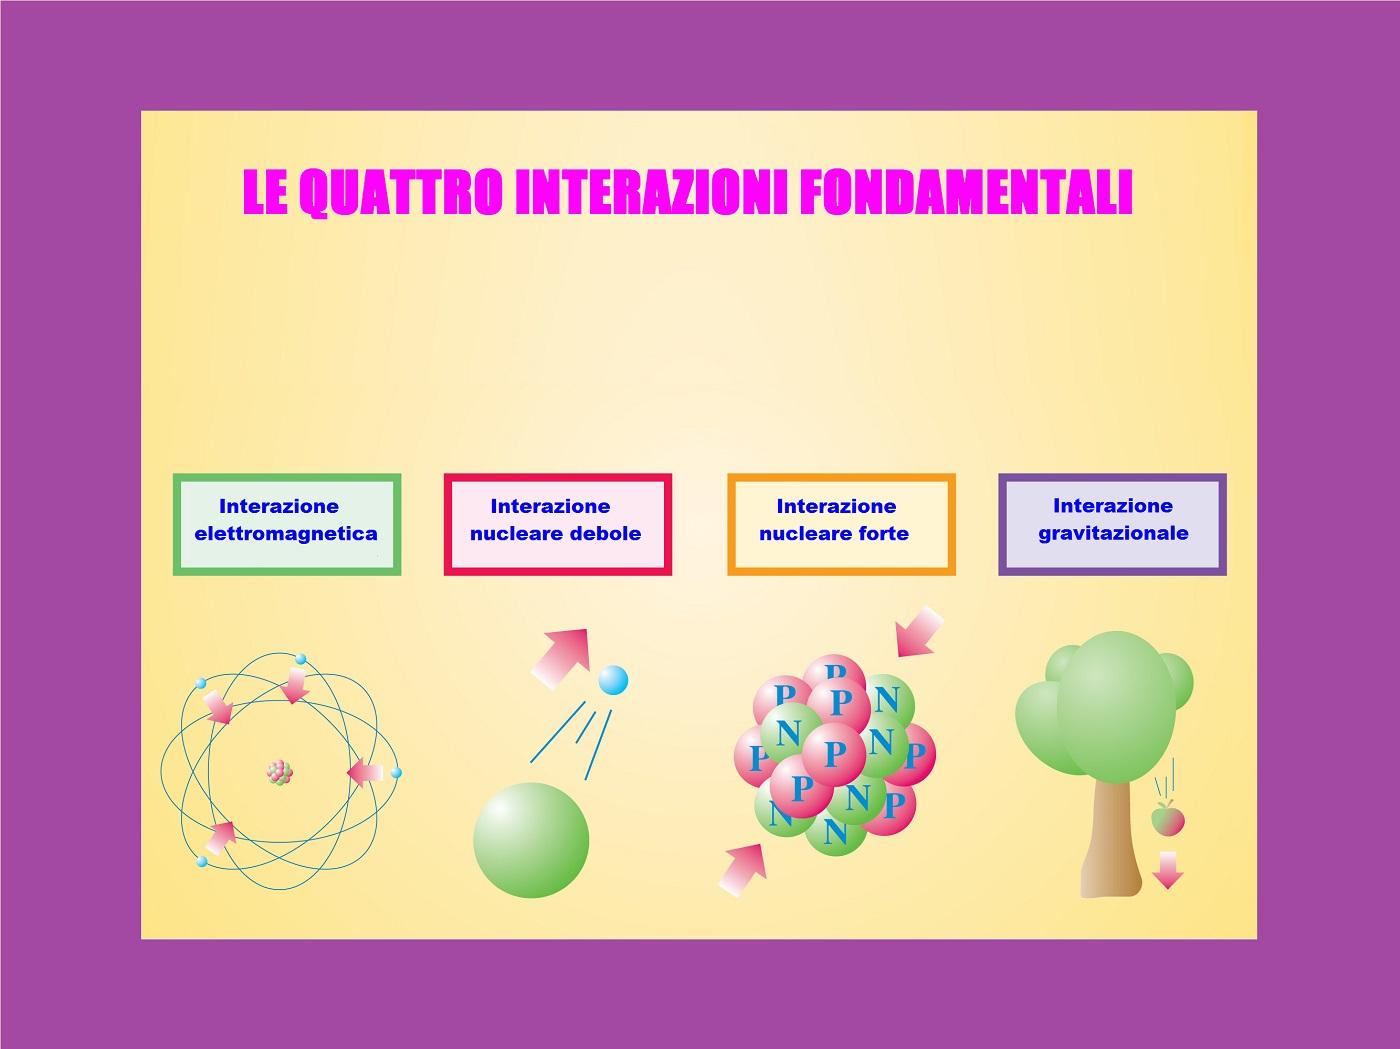 È vero che le forze fondamentali della natura sono sempre state quattro?